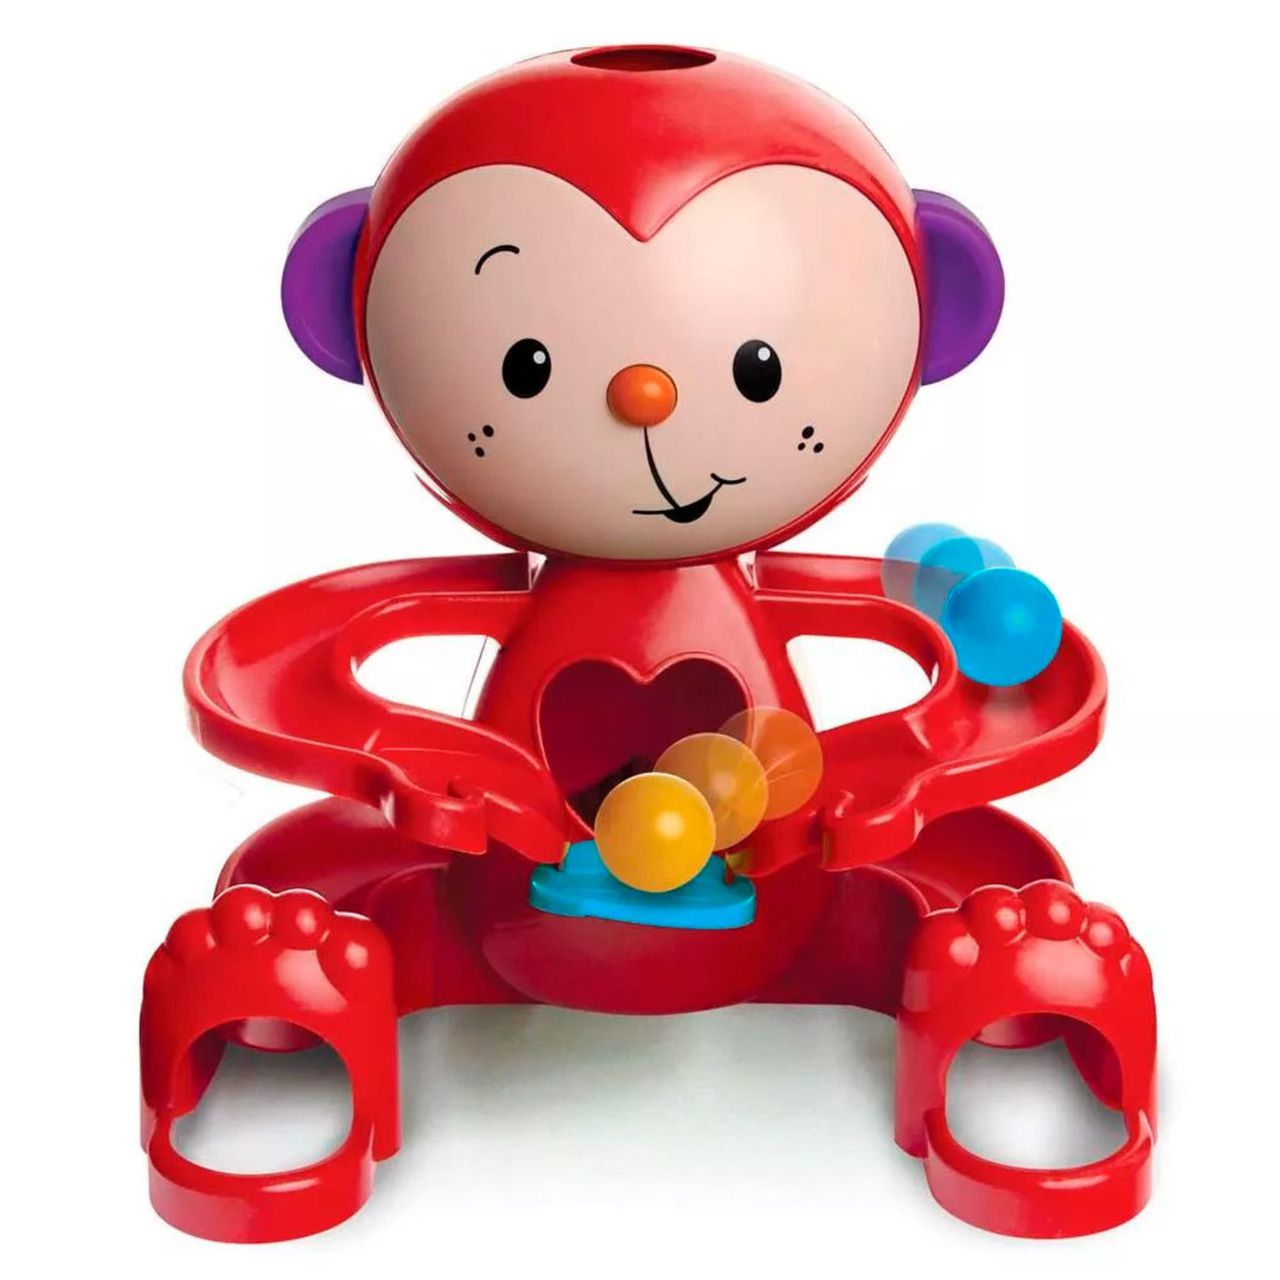 Brinquedo Educativo Zuquinha Escorrega Bolinha - Elka